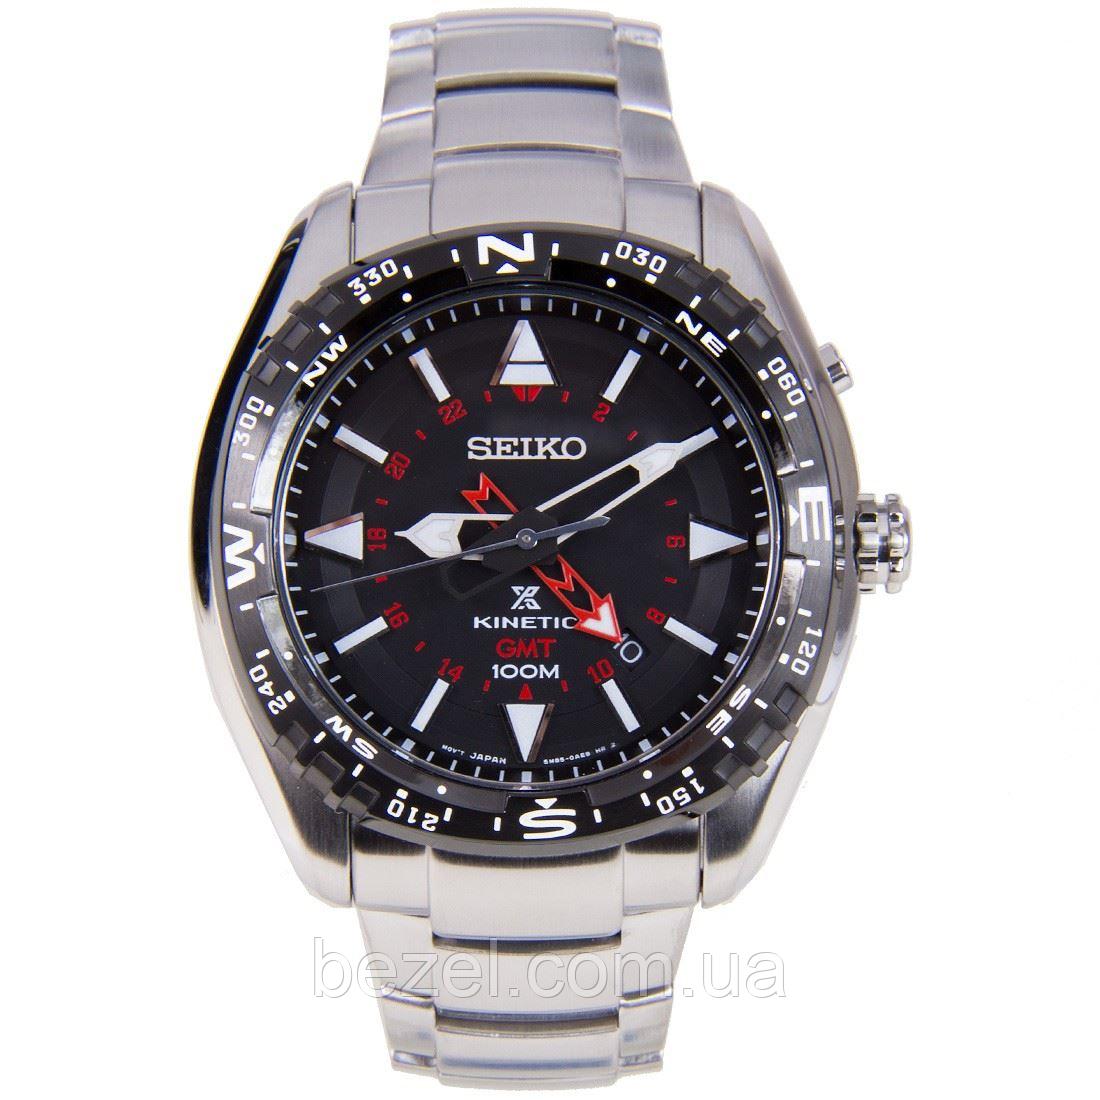 Мужские кварцевые часы Seiko SUN049P1 Сейко часы механические с автокварцем